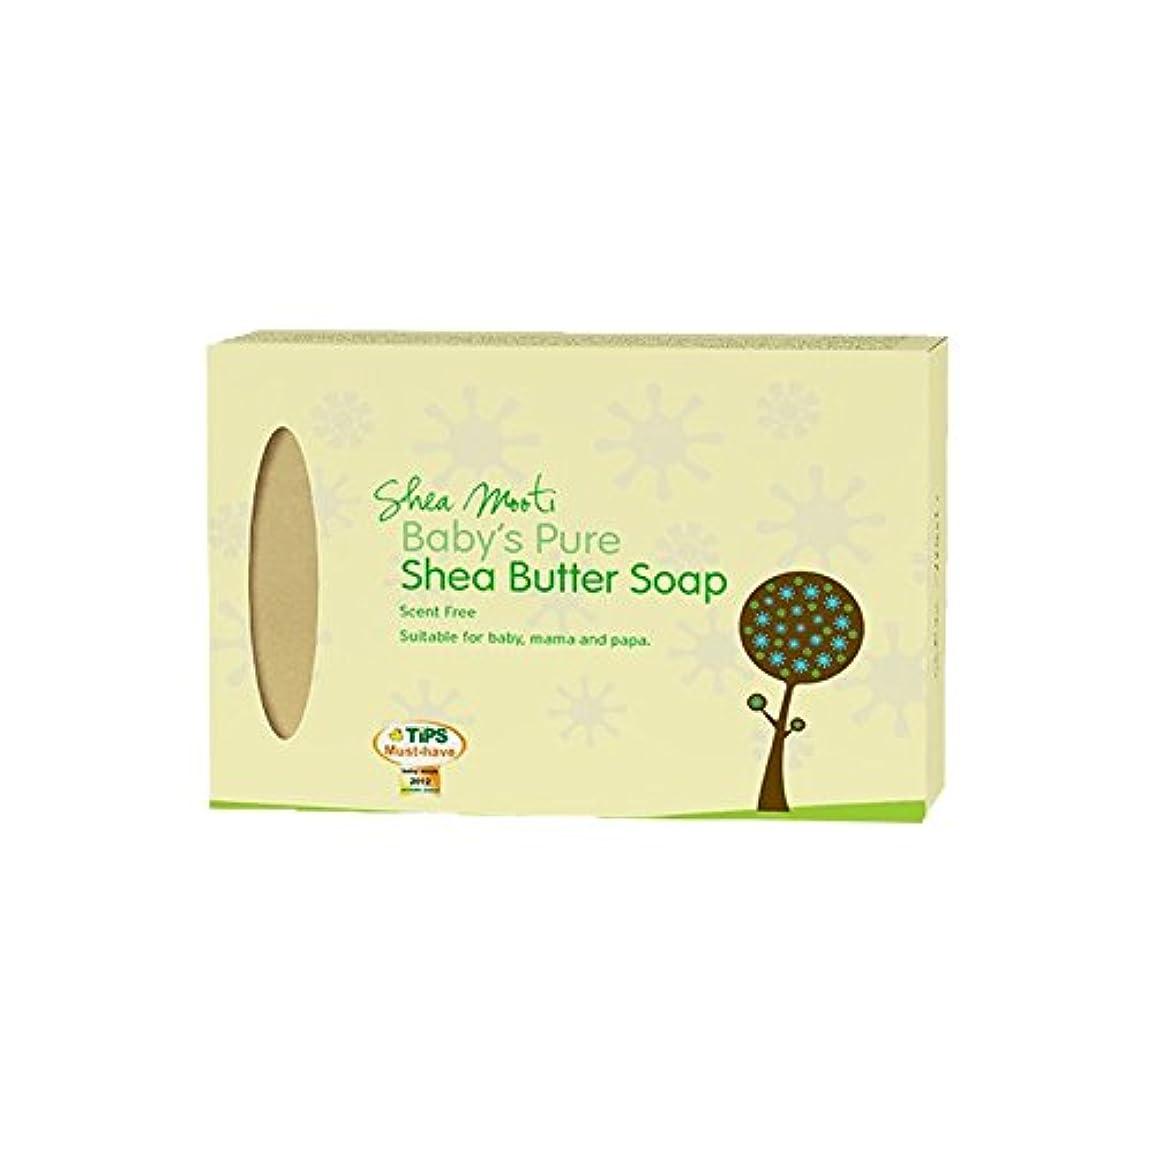 カロリー侵略先入観Shea Mooti Baby's Pure Shea Butter Soap Unscented 250ml (Pack of 2) - シアバターMooti赤ちゃんの純粋なシアバターソープ無香250ミリリットル (x2...